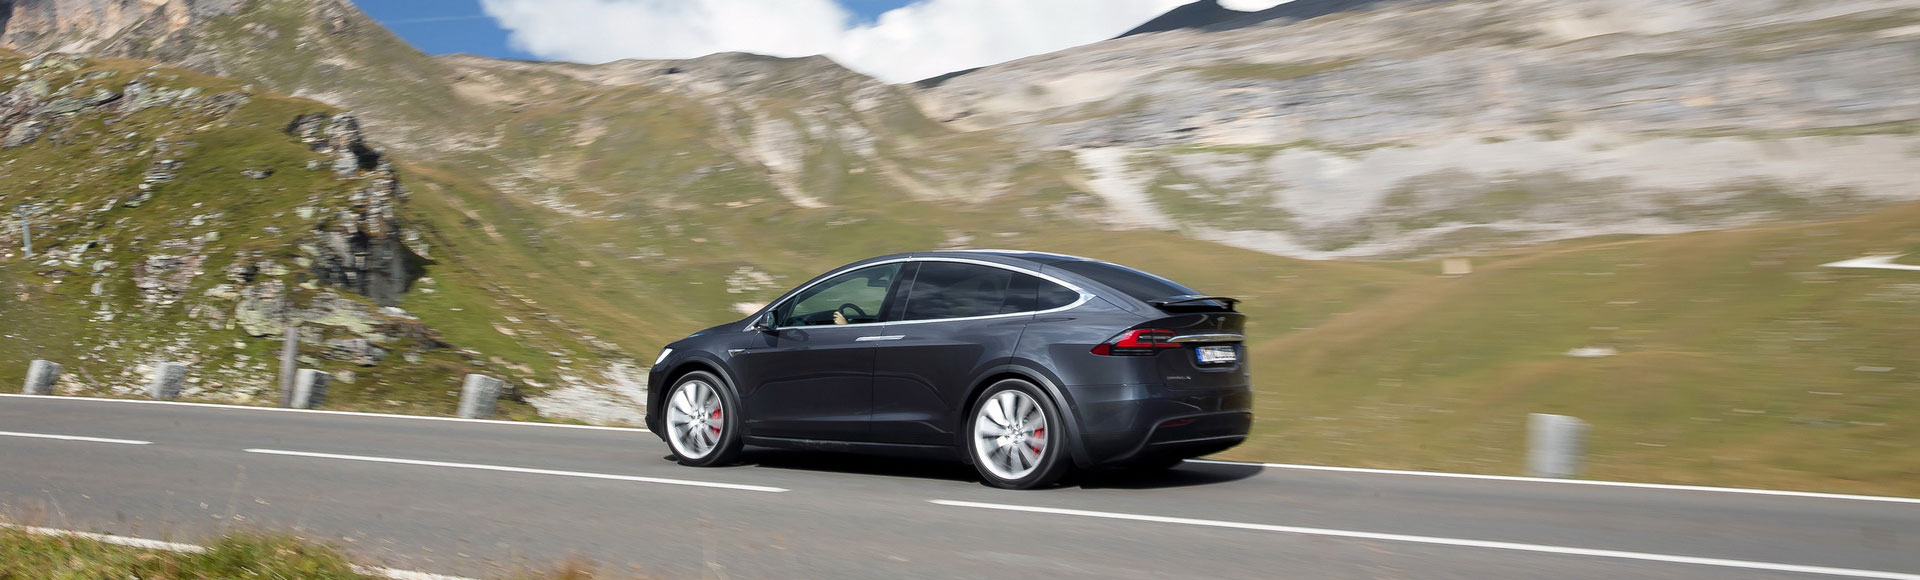 Tesla Model X 2016 305 Sommer Herbst